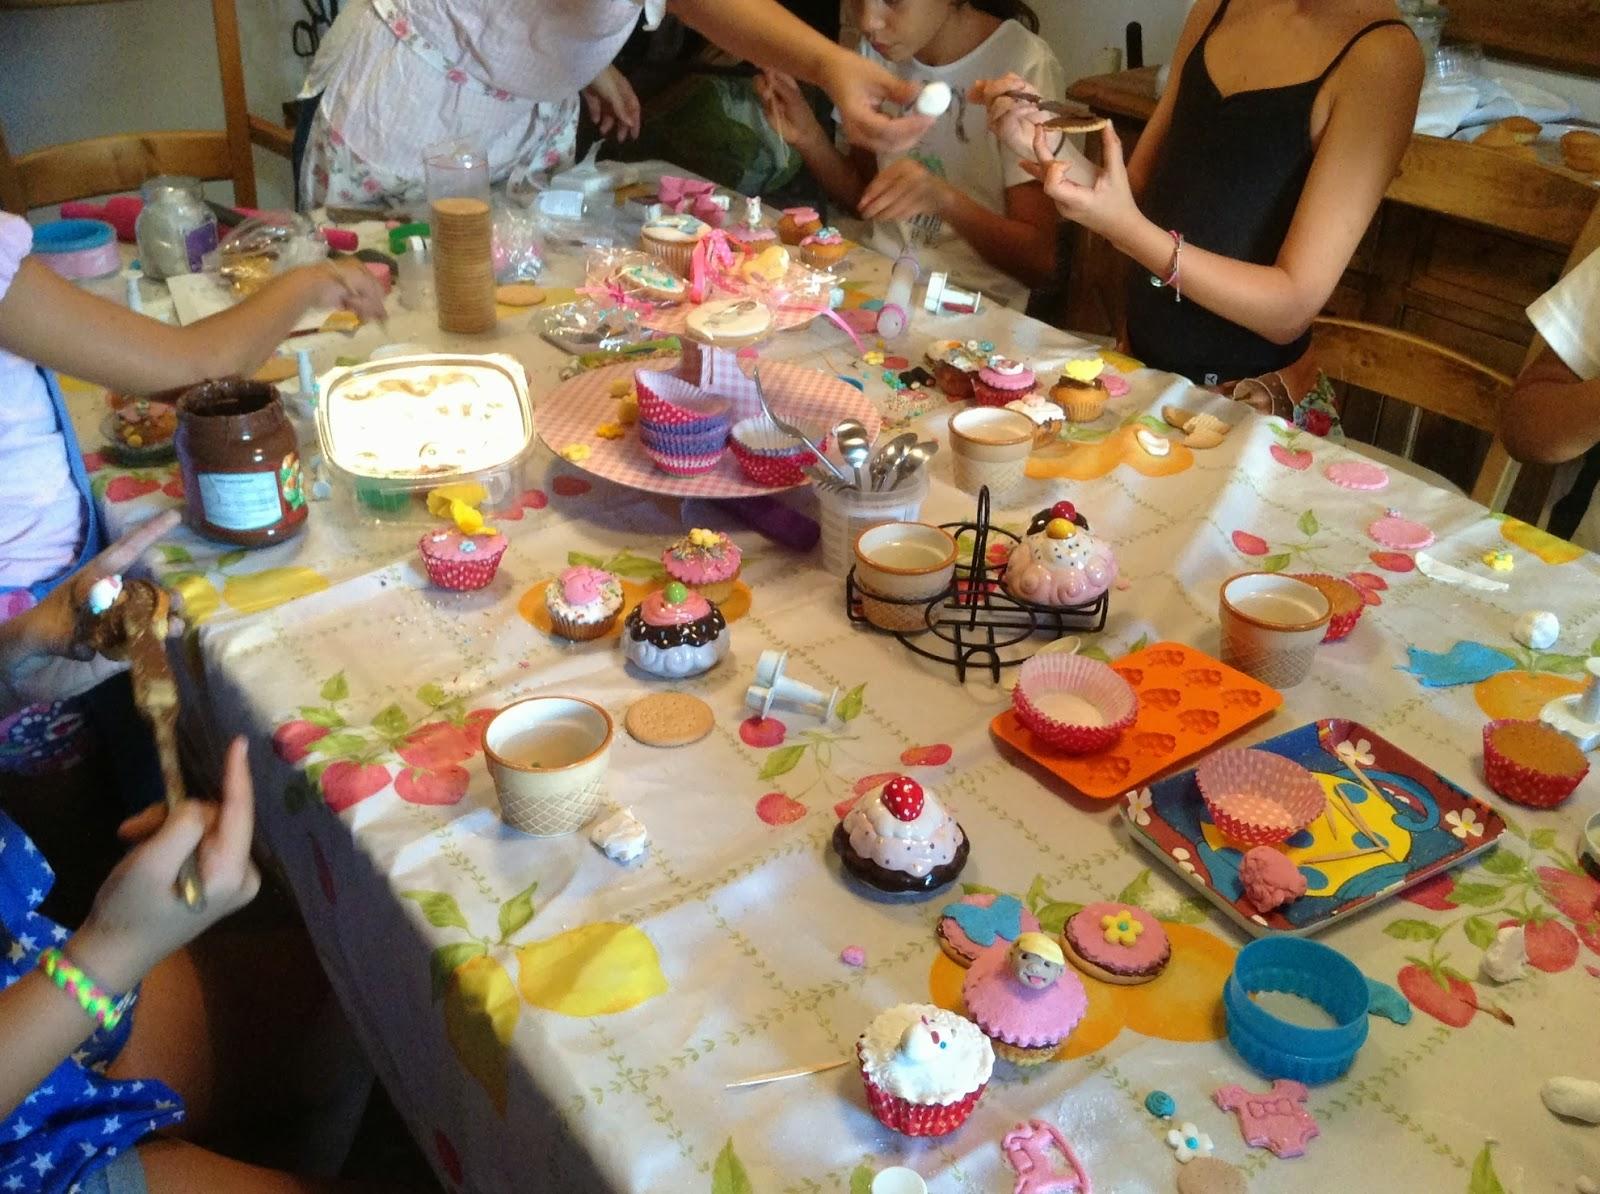 Taller de arte y cocina para ni os y adultos for Taller cocina ninos